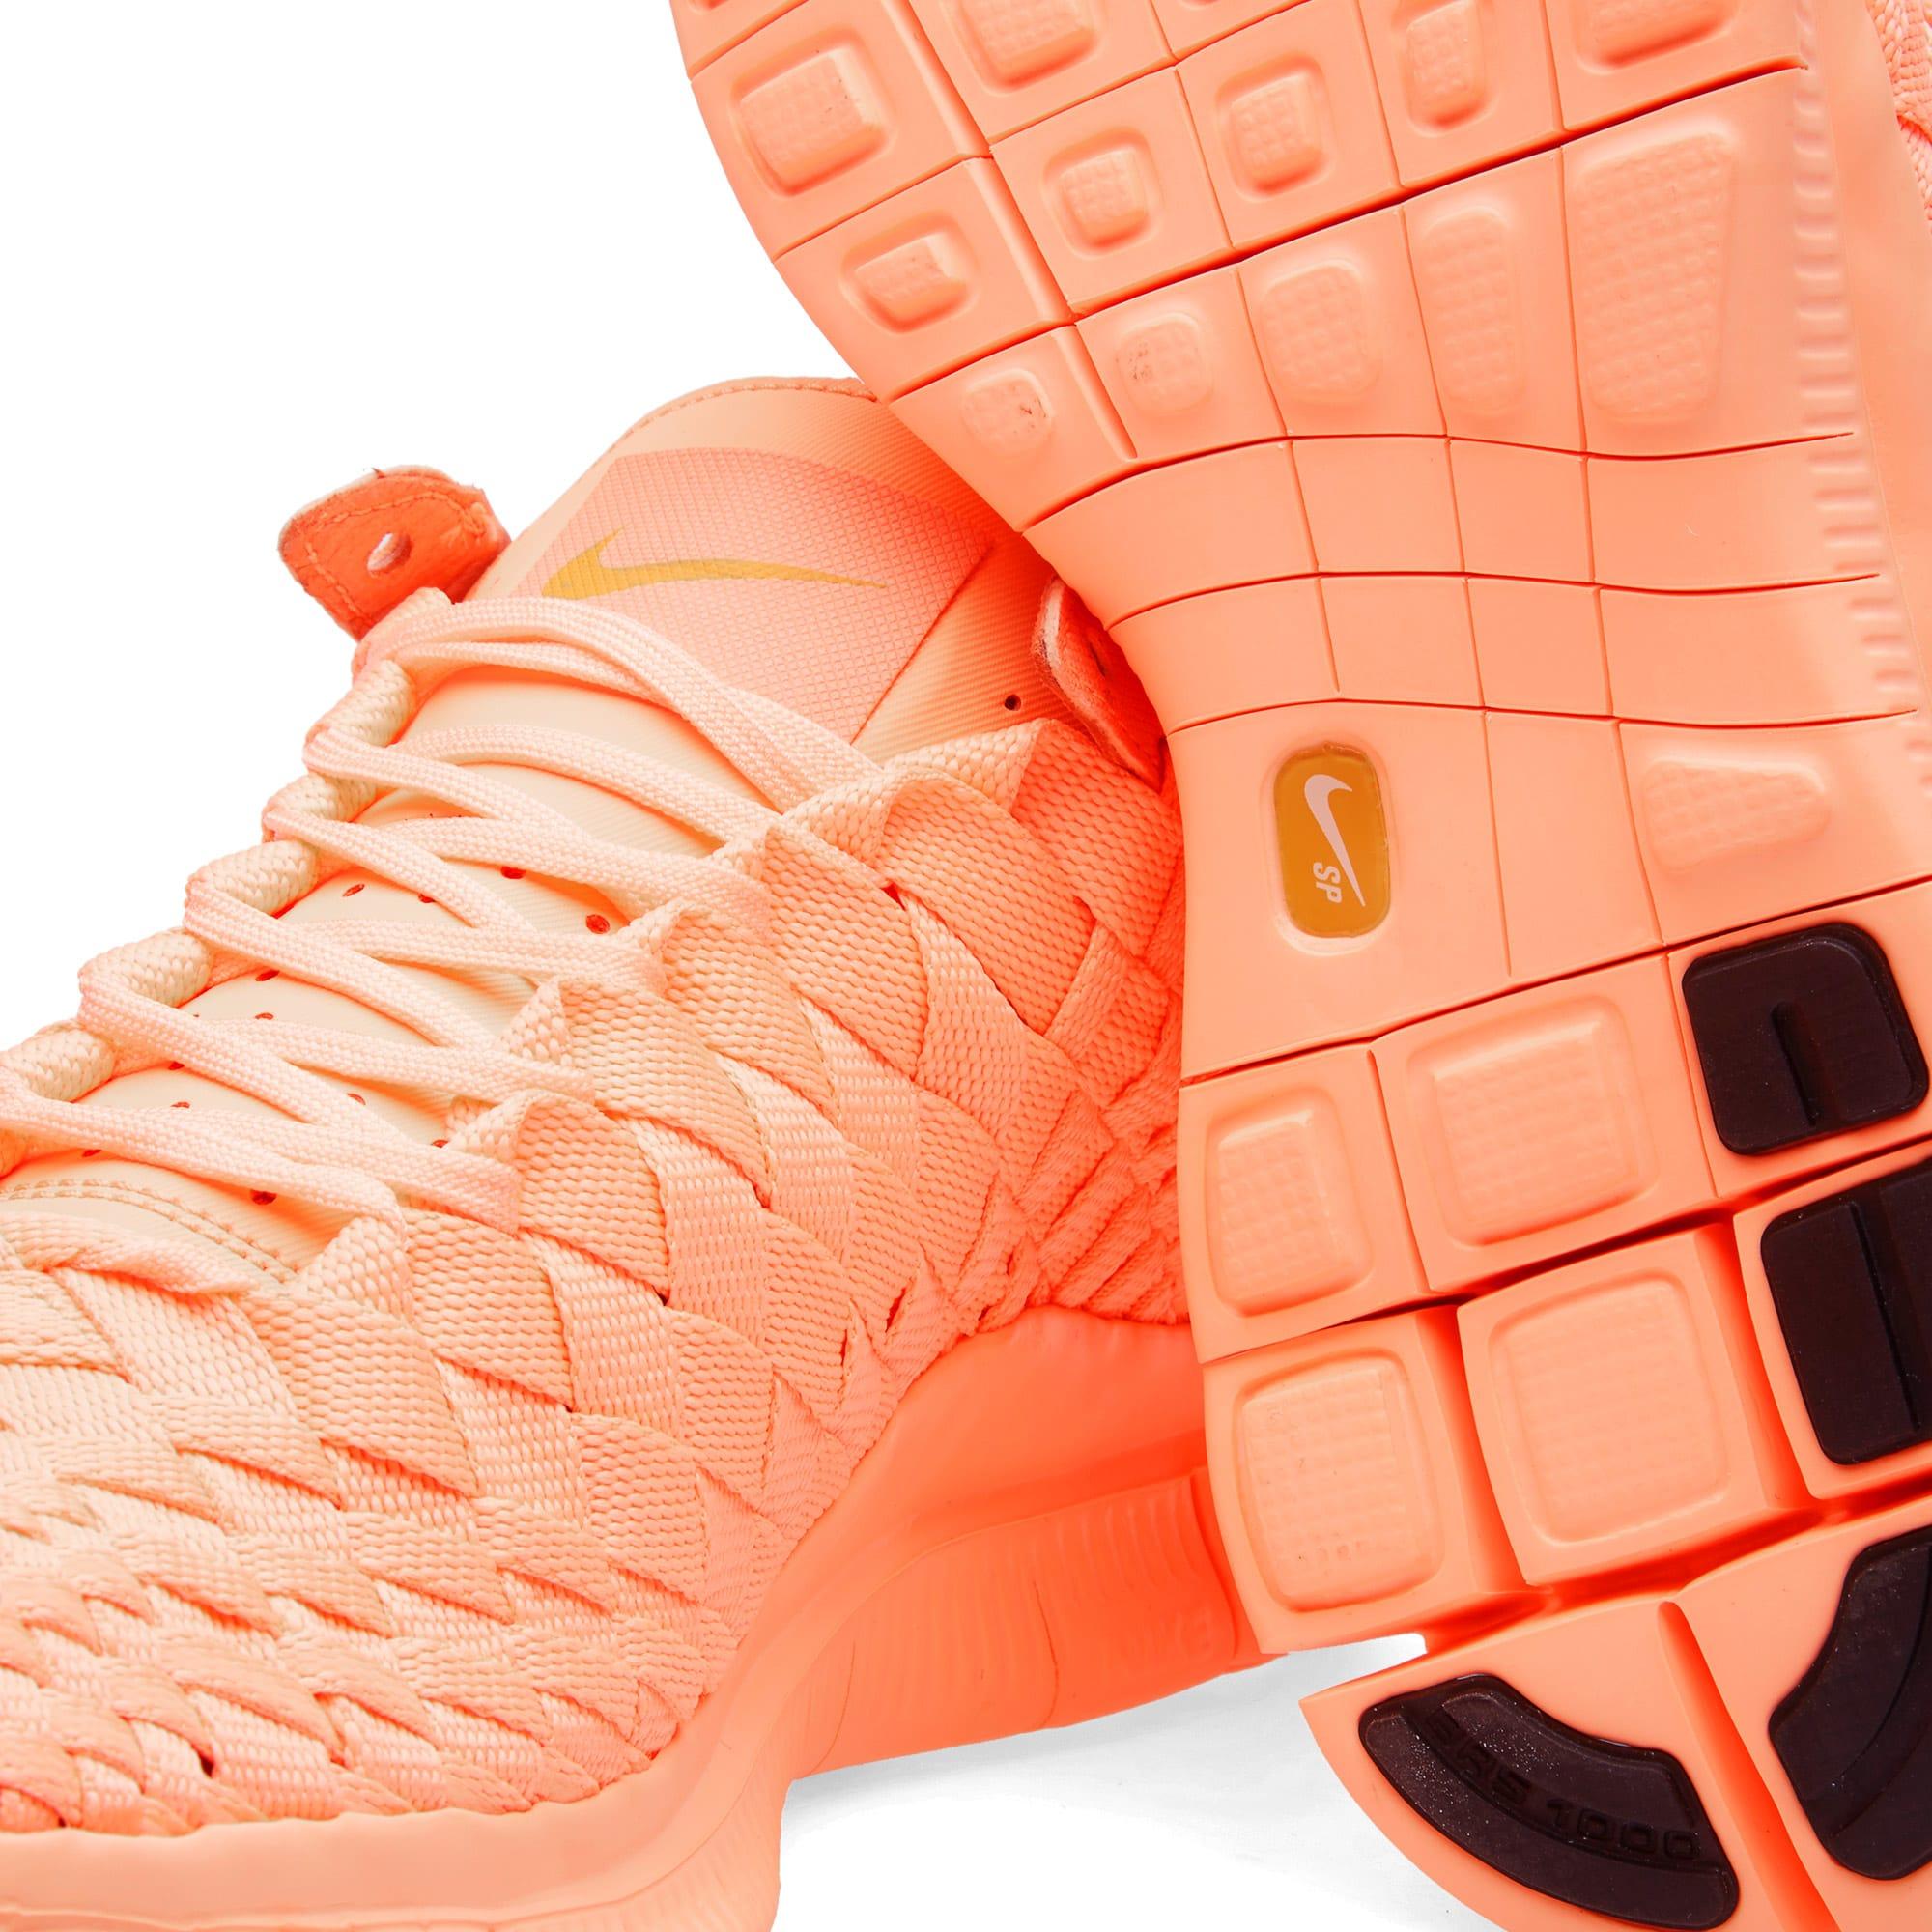 official photos 1f643 96617 Nike Free Inneva Woven Tech SP Sunset Glow   Kumquat   END.